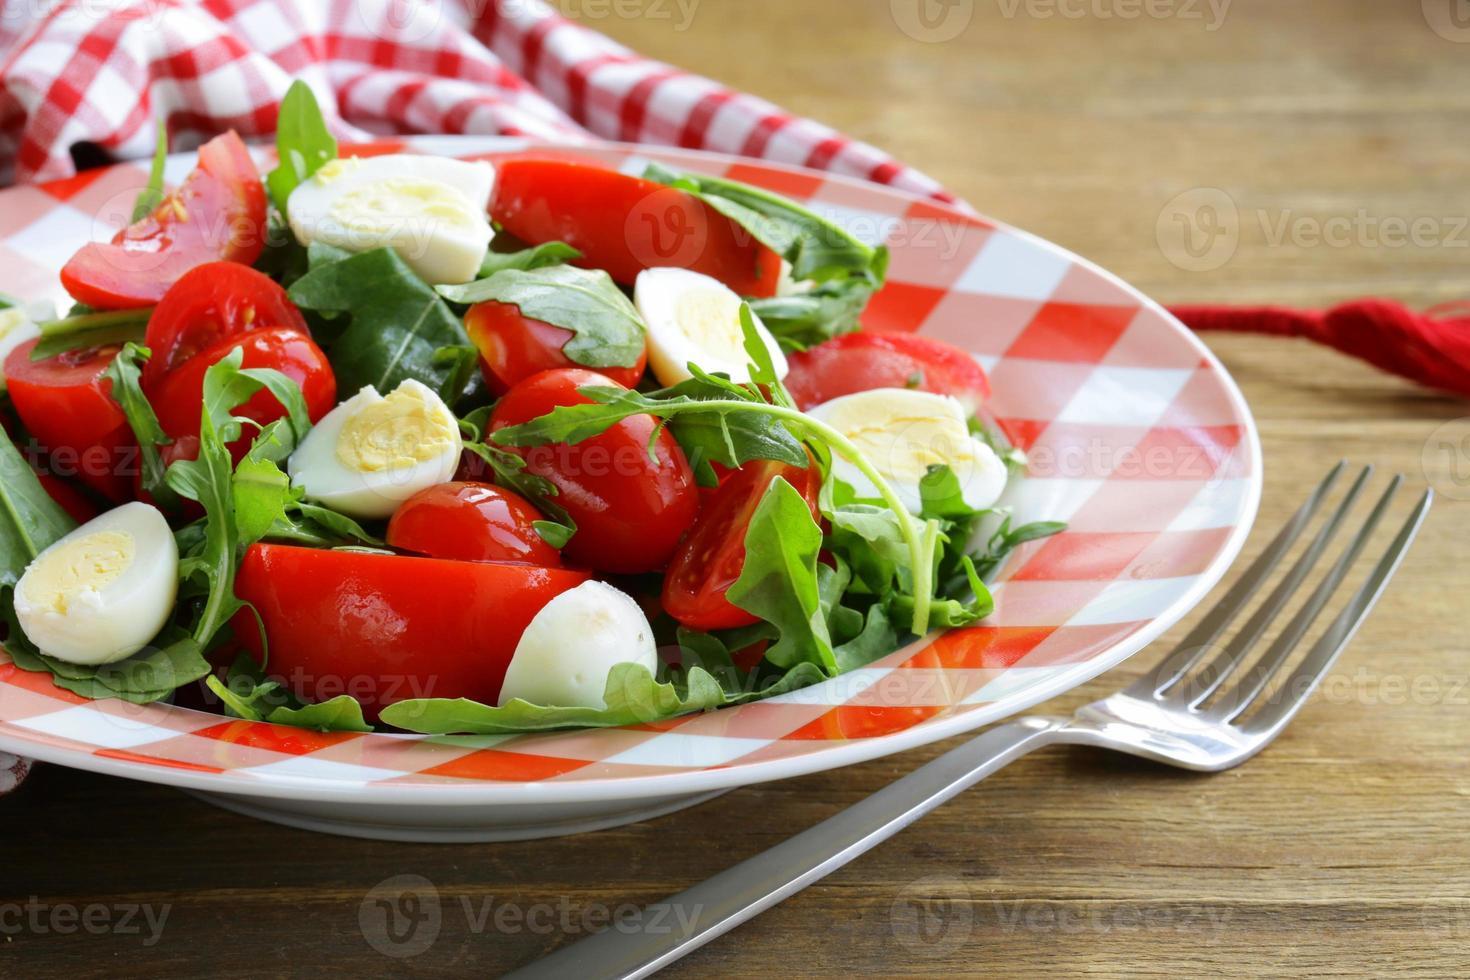 salade met verse tomaten, rucola en kwarteleitjes foto